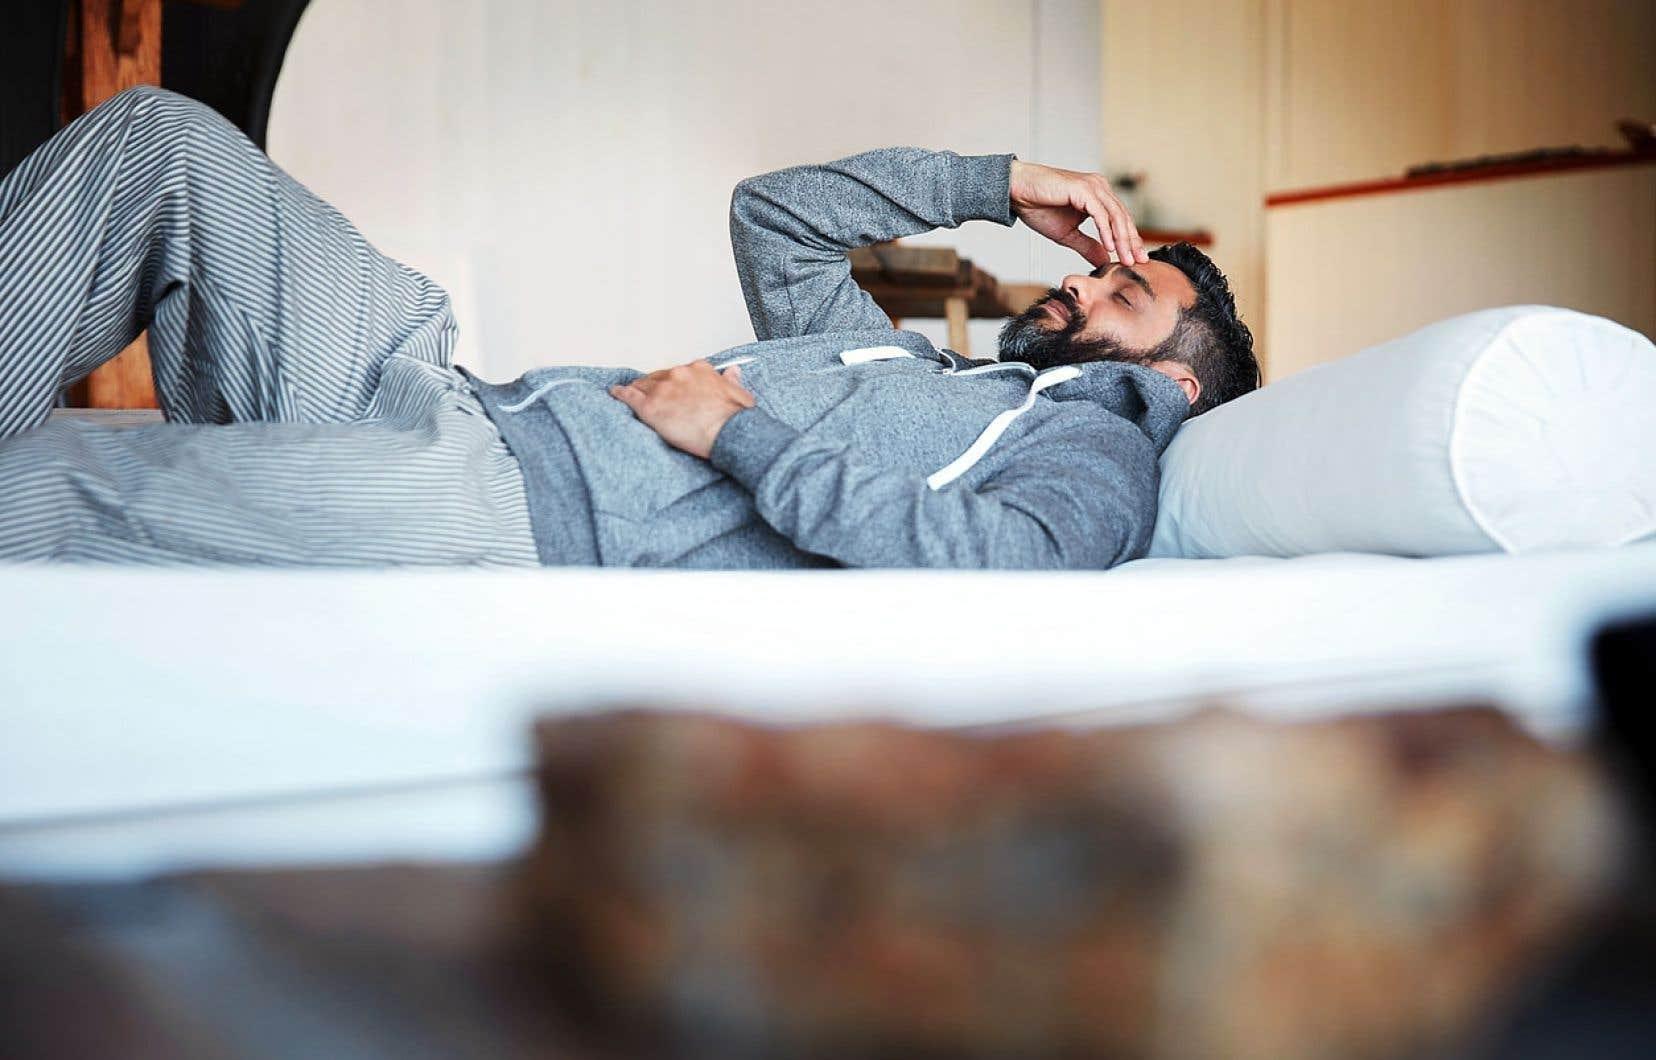 La migraine est reconnue par l'Organisation mondiale de la santé comme une maladie très invalidante, surtout lorsqu'elle touche des enfants et des adolescents, ou encore de jeunes adultes qui sont au pic de leur productivité.